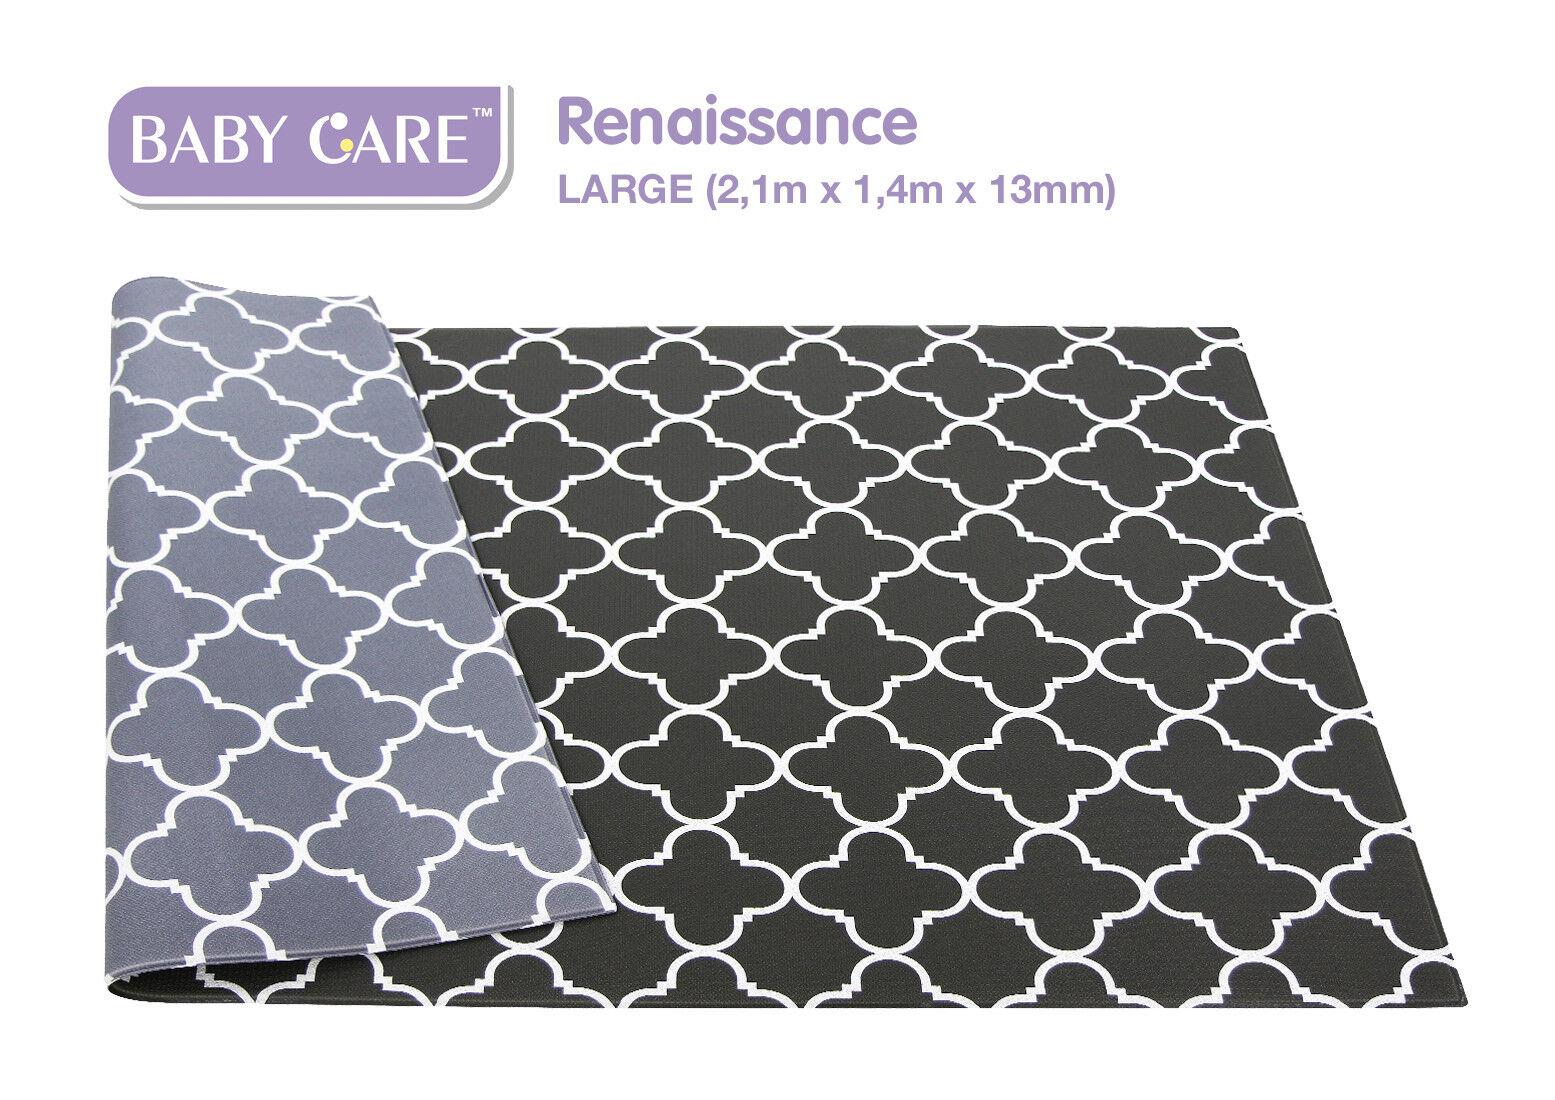 Spielmatte - Kinderspielmatte - BABY CARE - Renaissance - Playmat - Mat - L